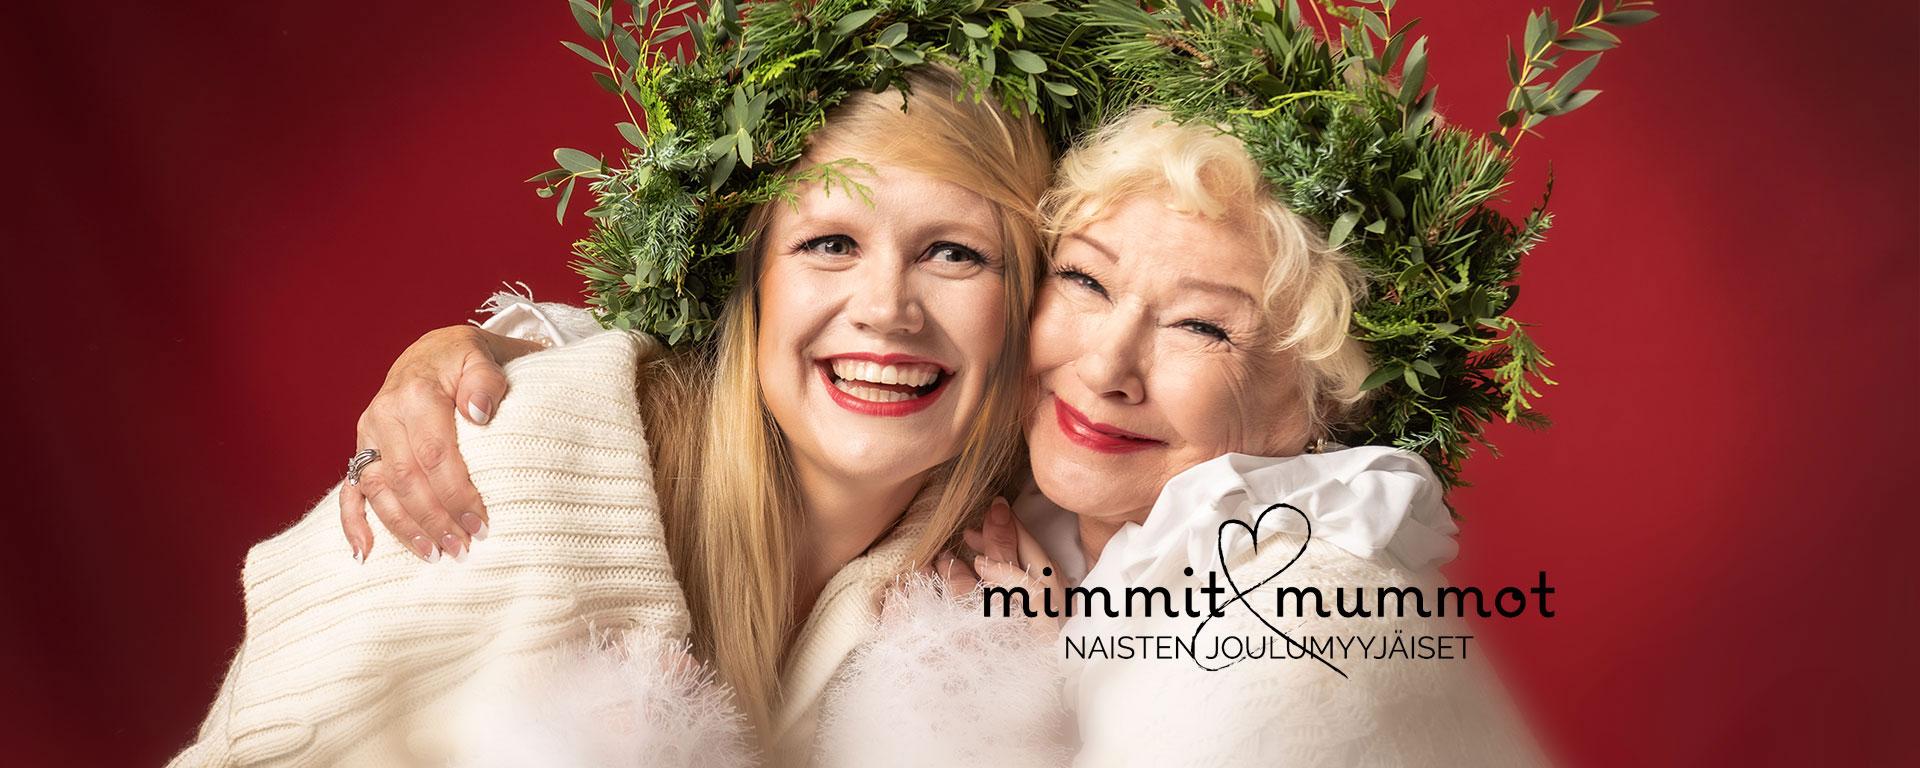 Länken till evenemang Mimmit&Mummot -julmarknad 2019